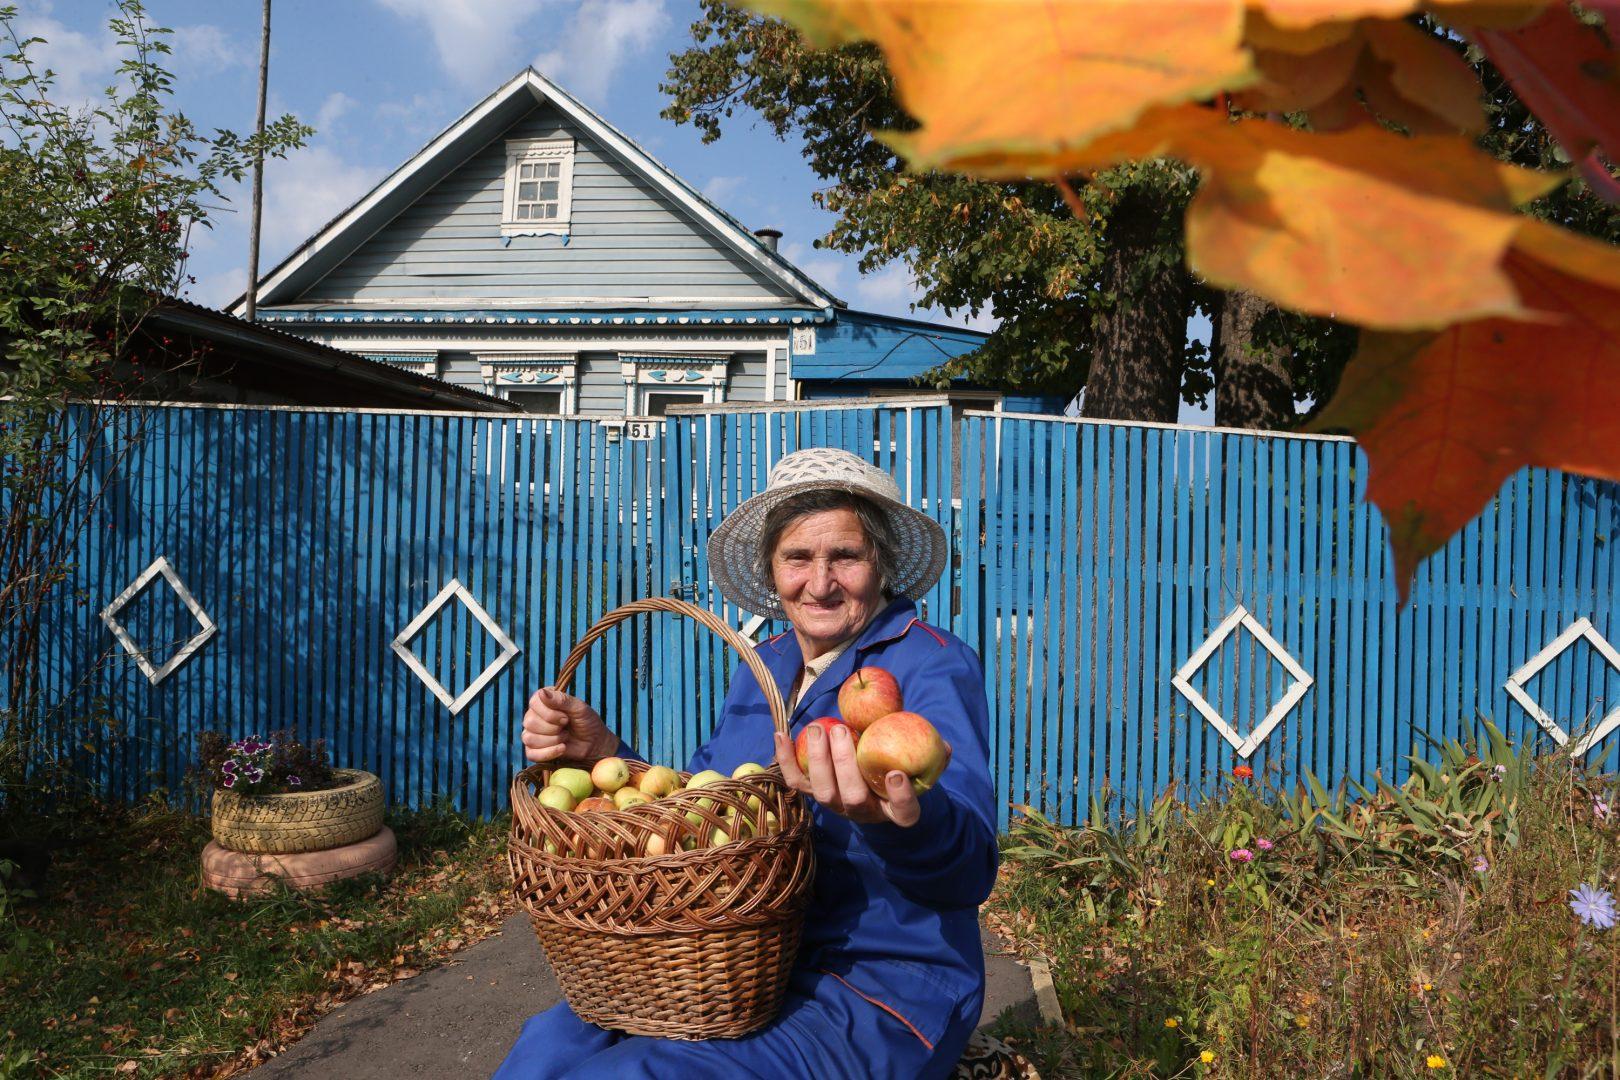 Пенсионерка Лидия Монина рассказывает, что некоторые члены съемочной группы отдыхали в ее доме. Фото: Виктор Хабаров